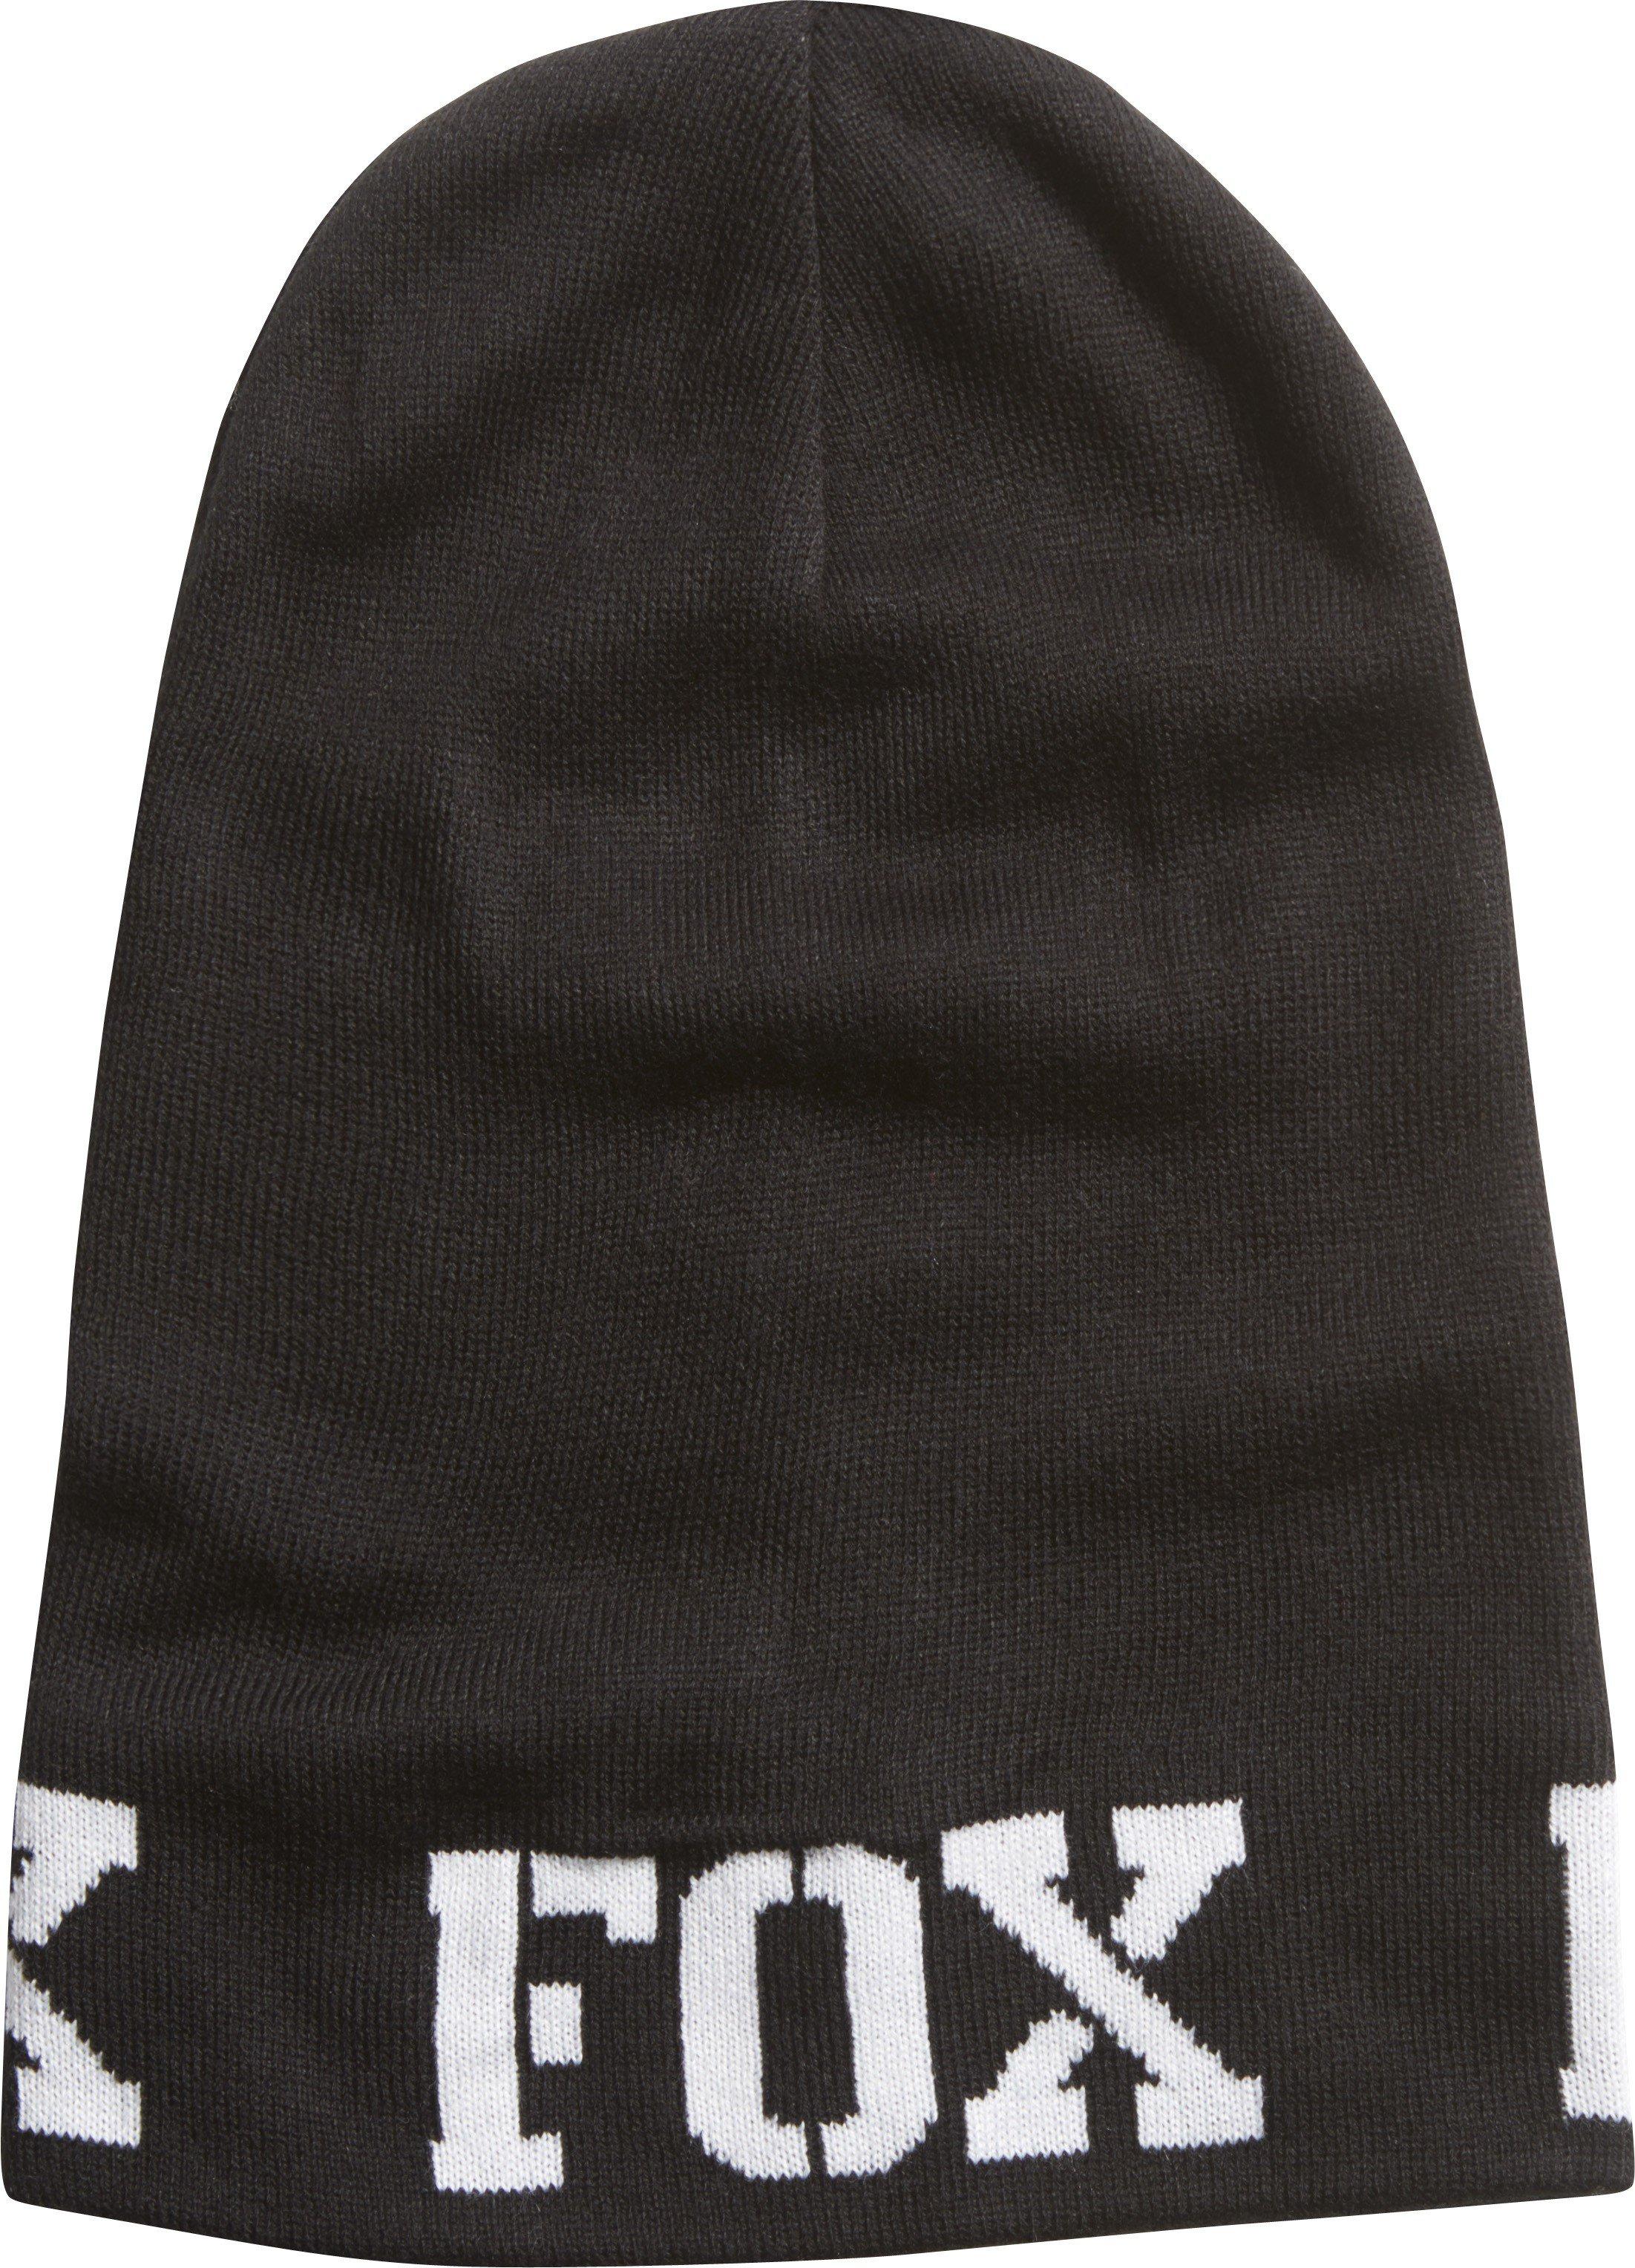 Čepice dámská FOX Beanie Shock Slough černá